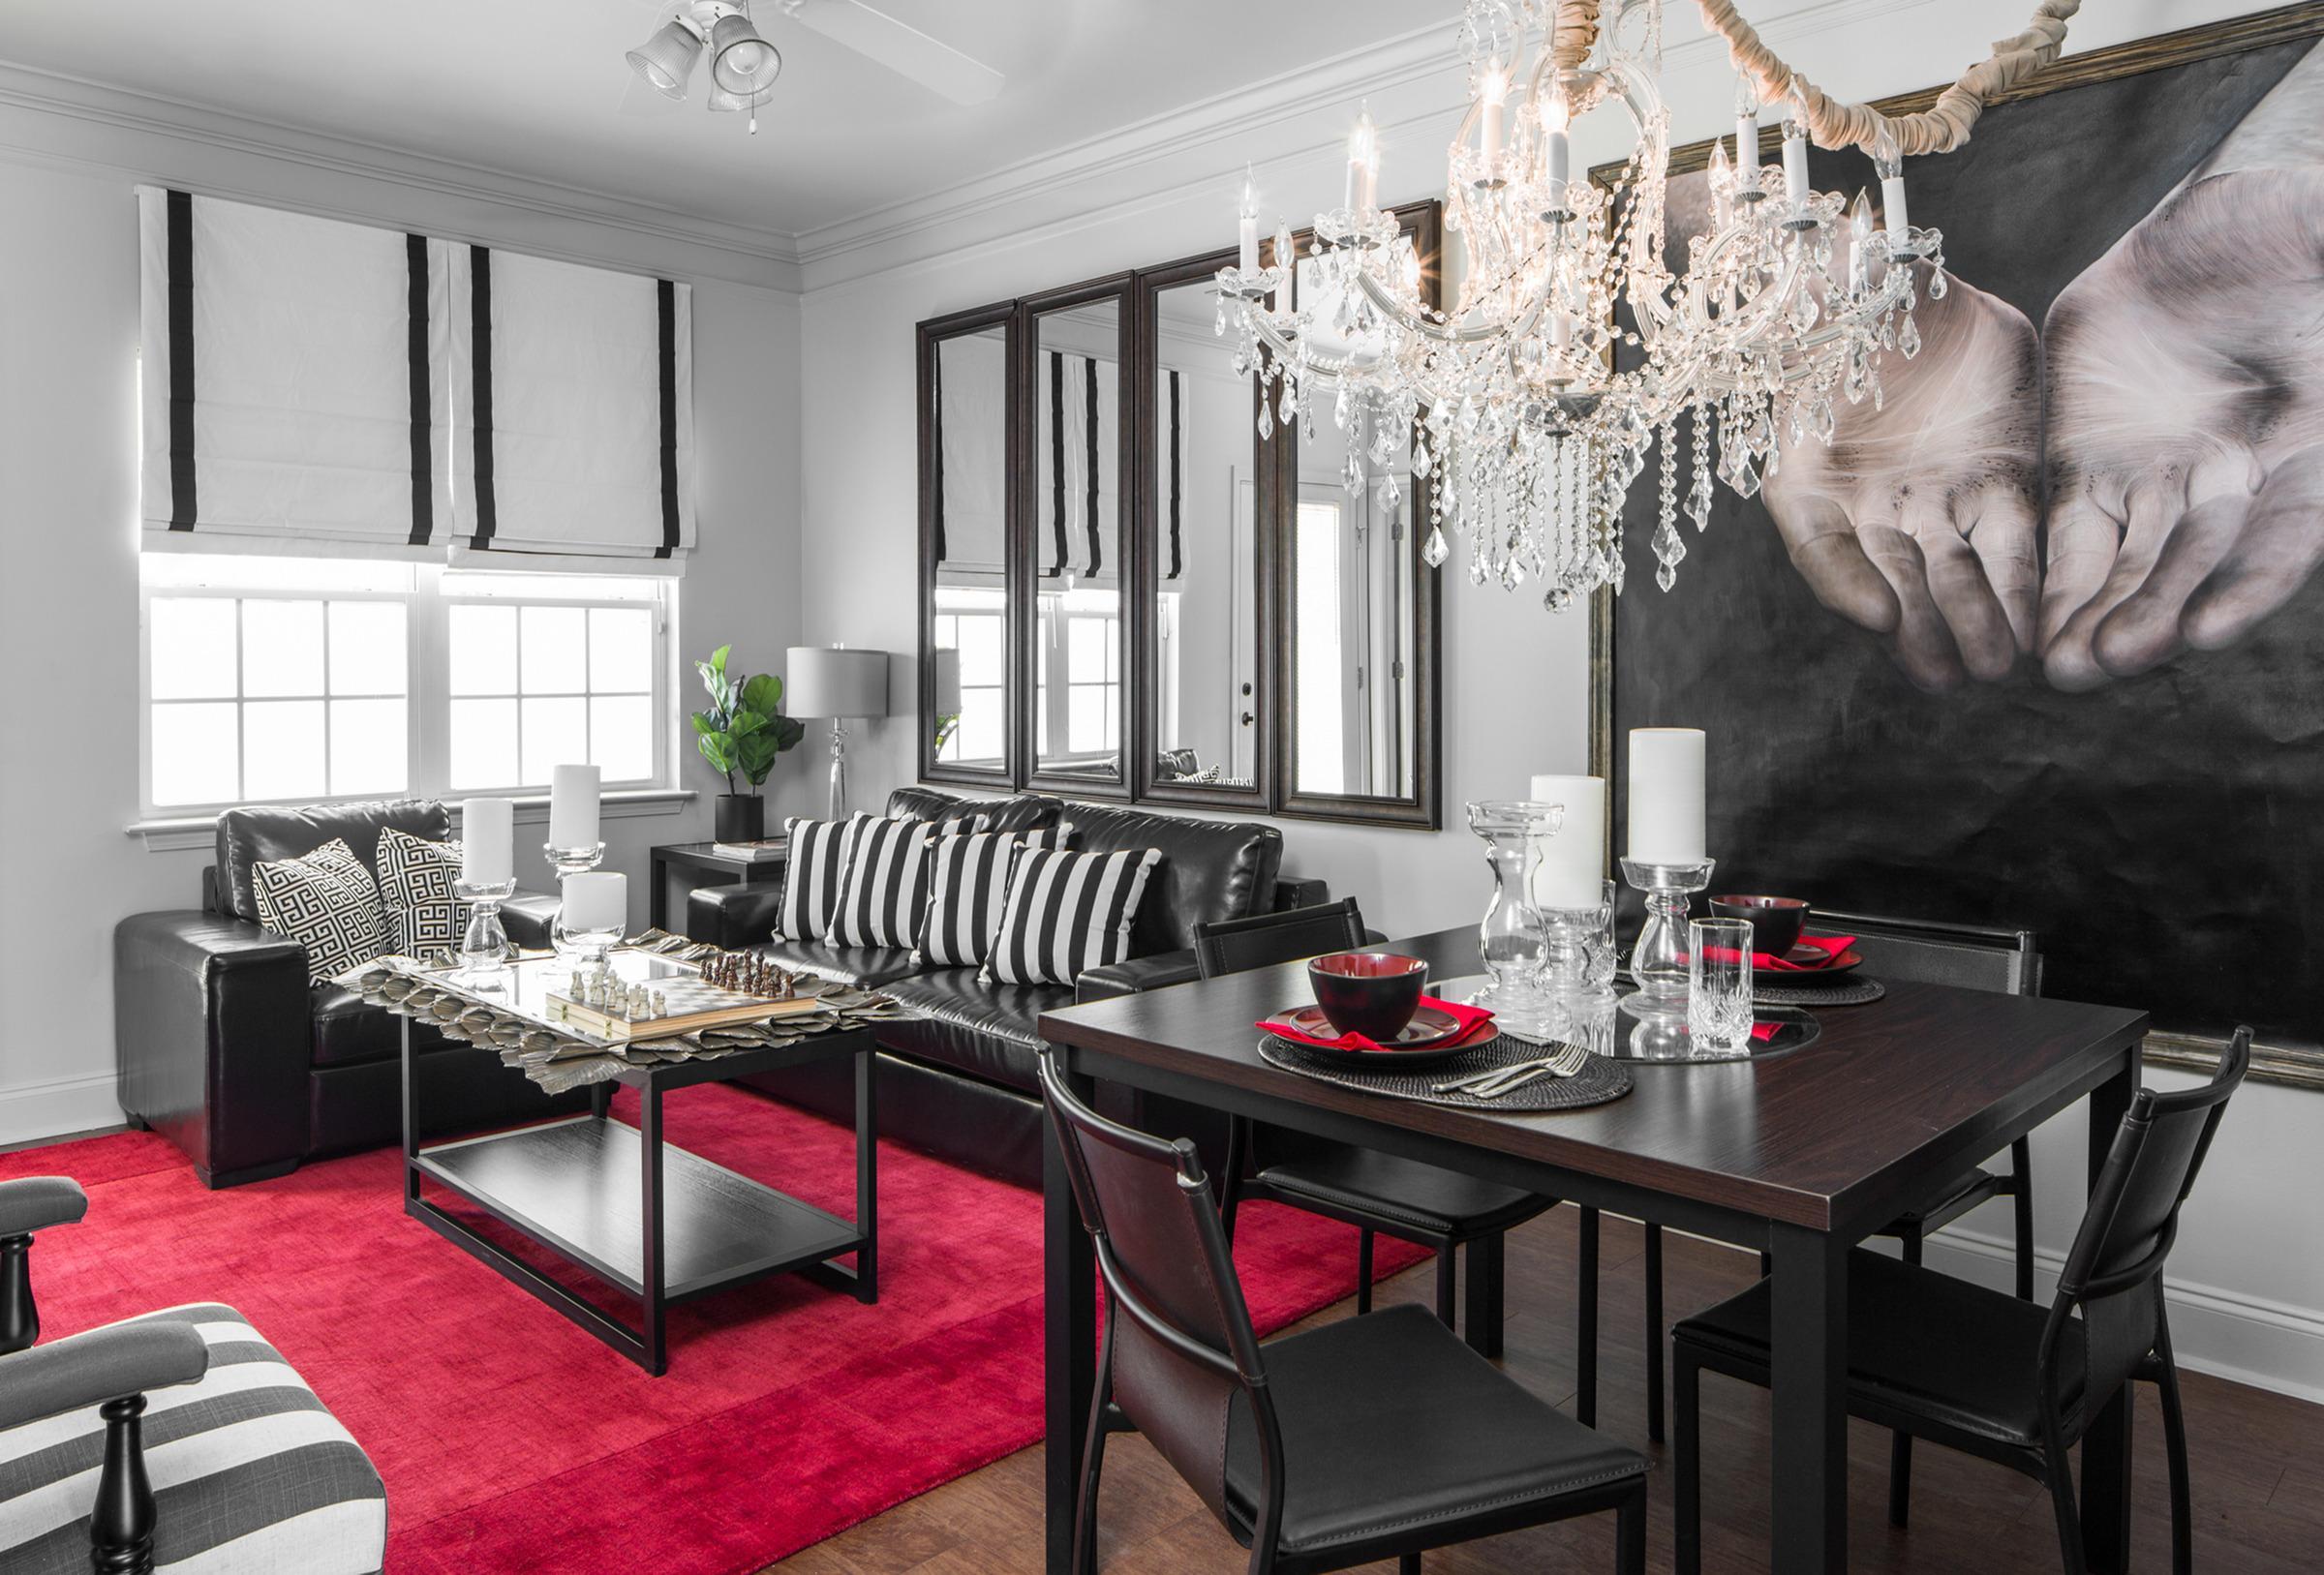 The George apartment interior